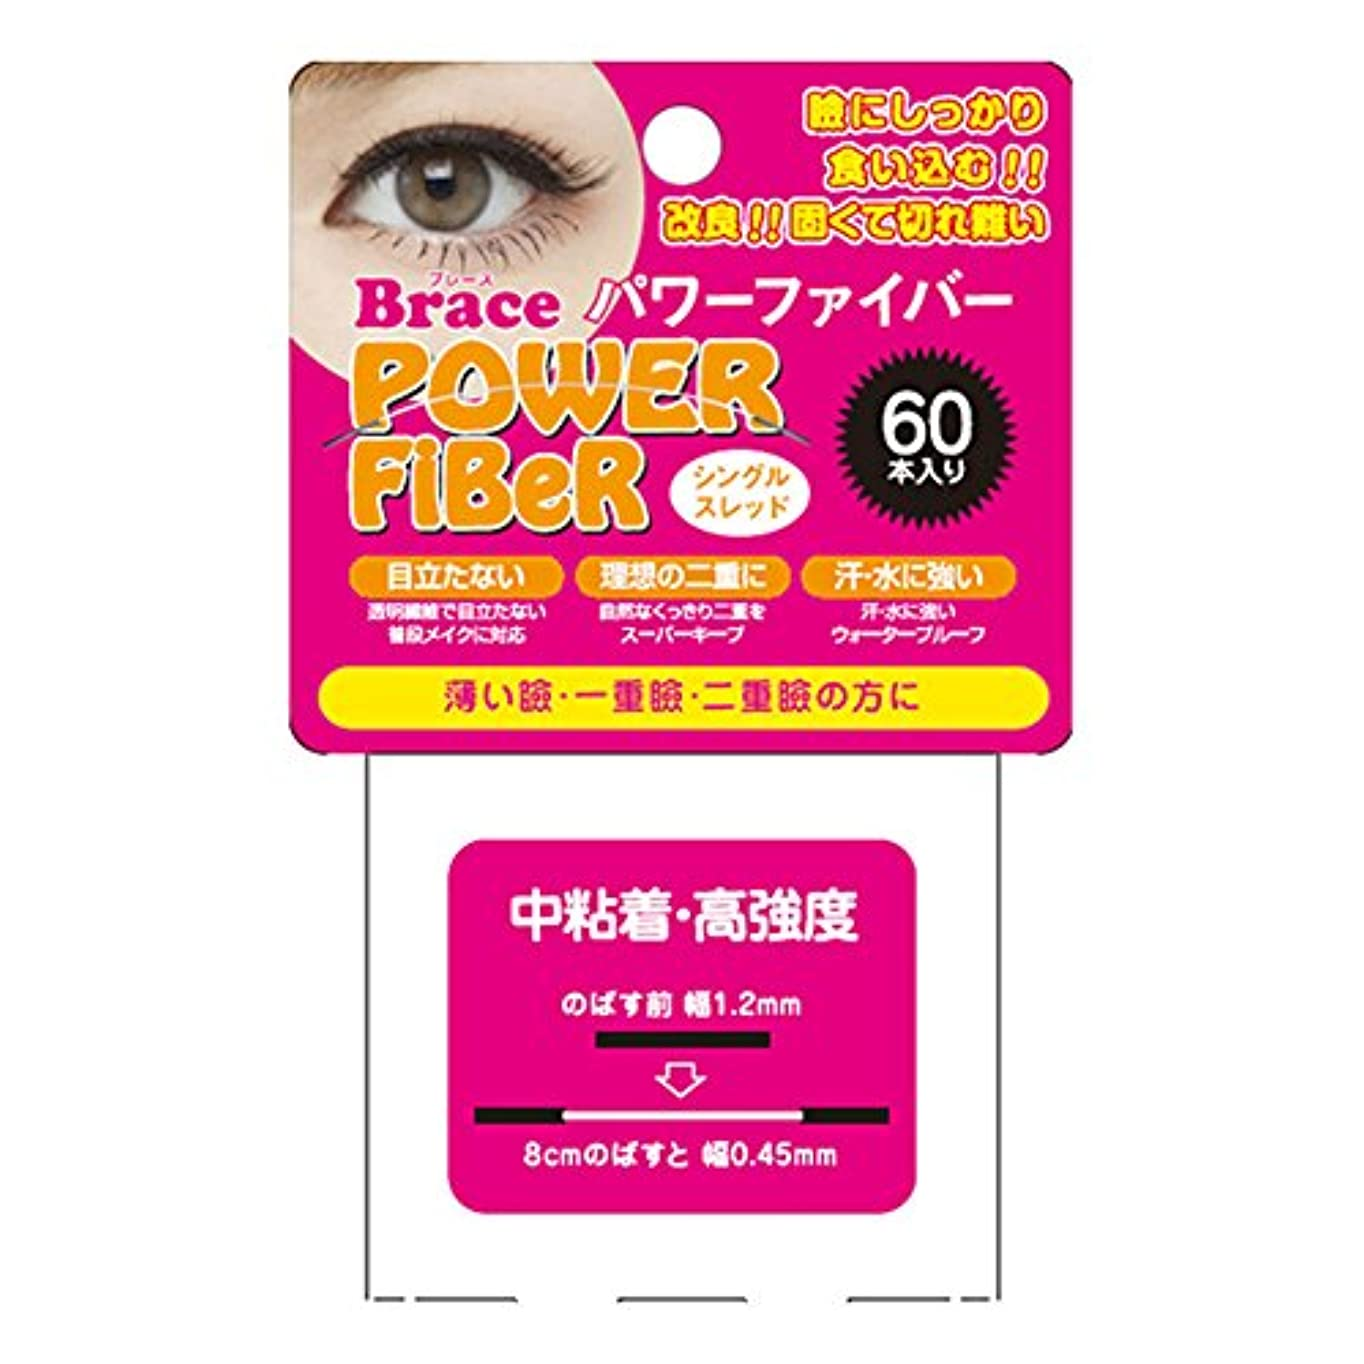 分数受け皿偽善者Brace ブレース パワーファイバー シングルスレッド クリア 1.2mm 60本入 (眼瞼下垂防止用テープ)